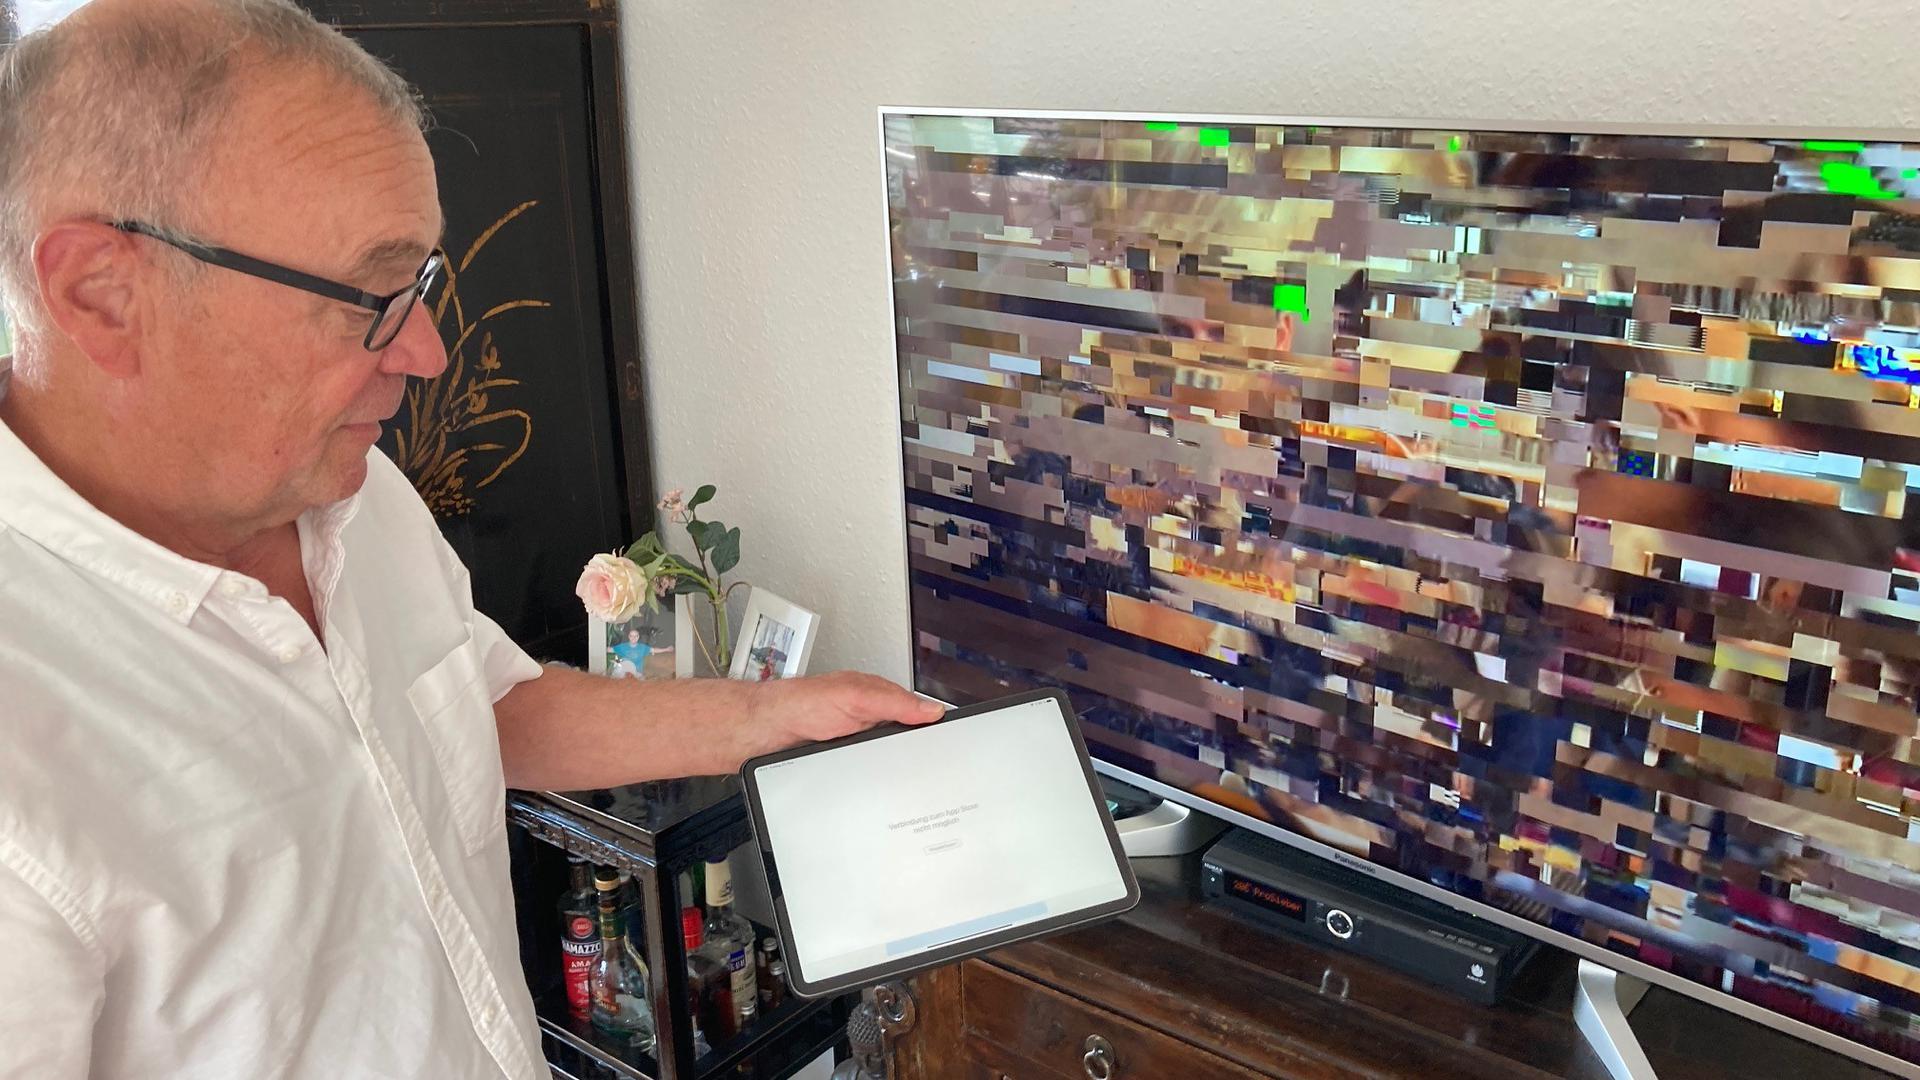 Mann vor Fernseher mit Störung